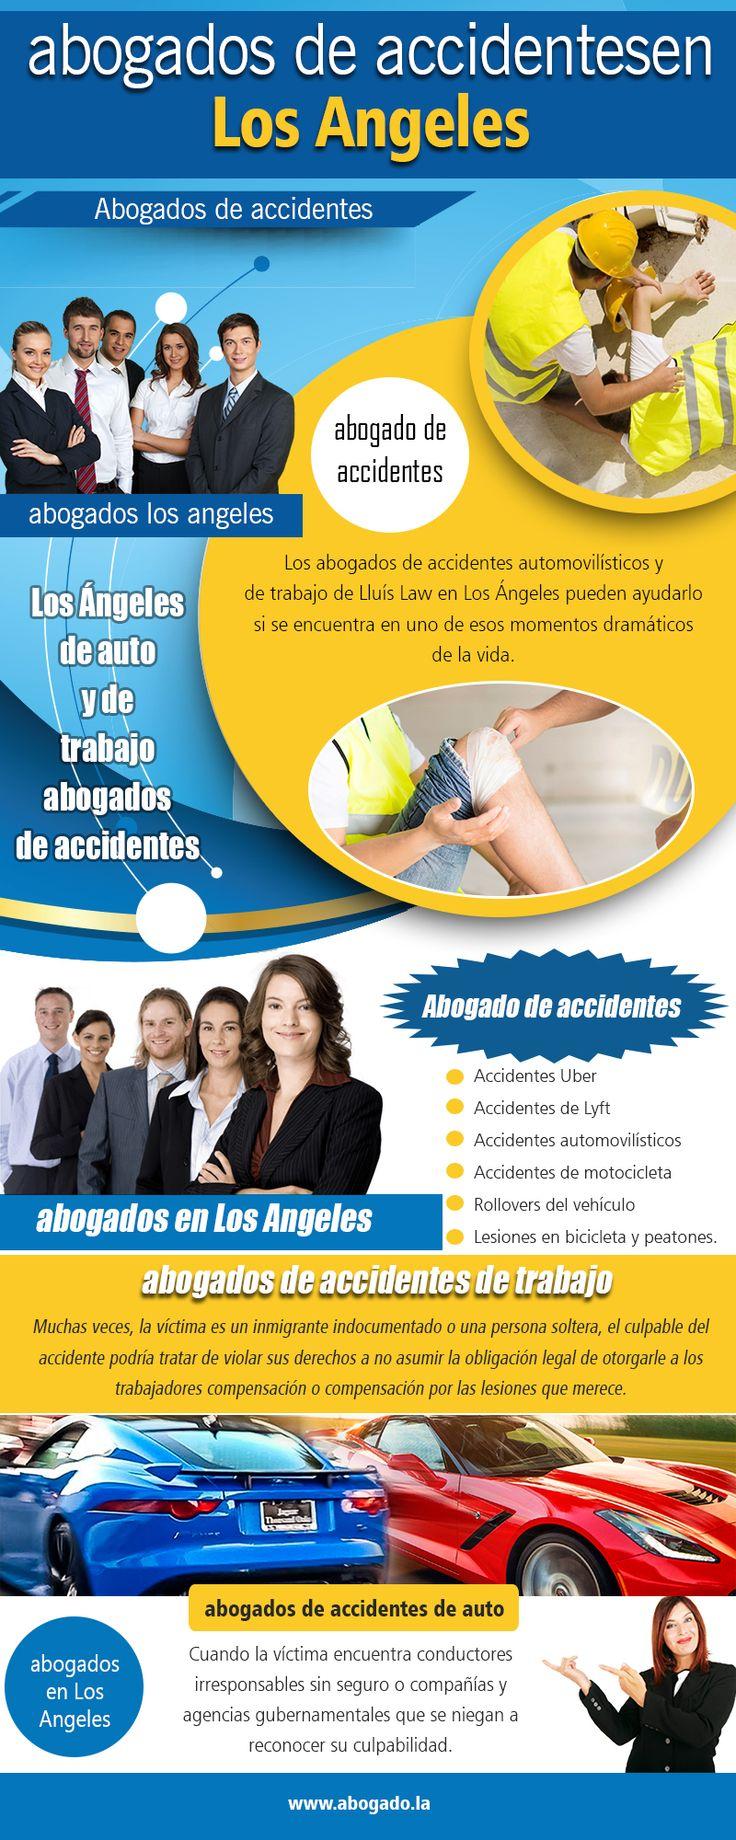 Abogados de mesotelioma, abogados de asbestos. abogados de accidentesen LA